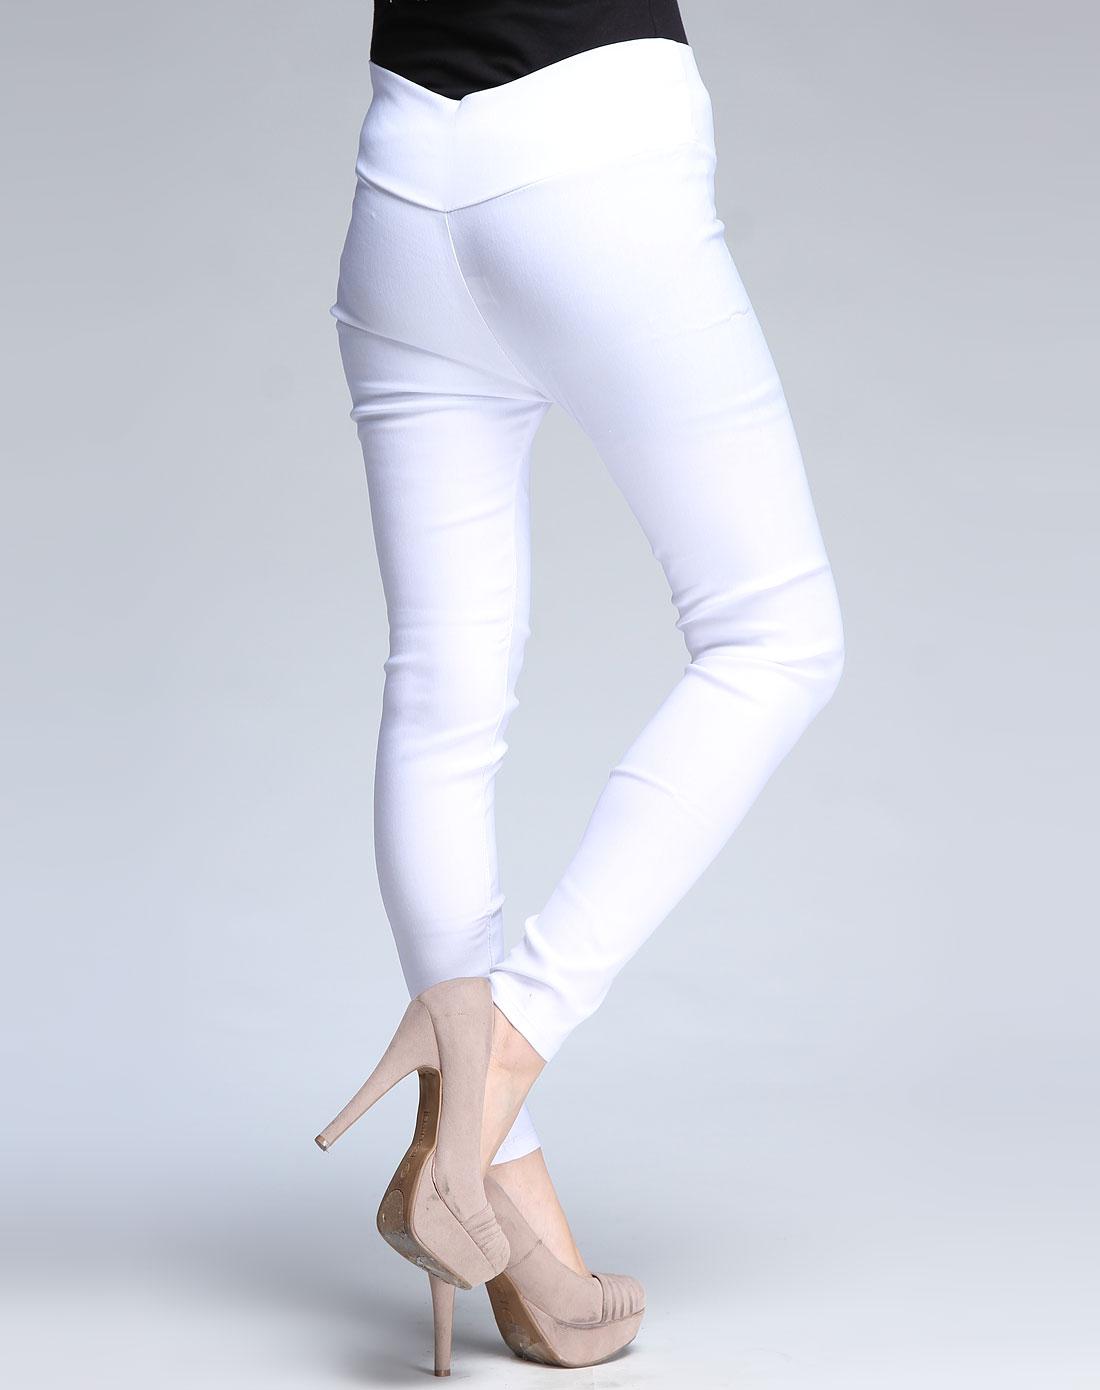 浪莎保暖内衣男女女士白色高腰弹力美腿时装长裤211